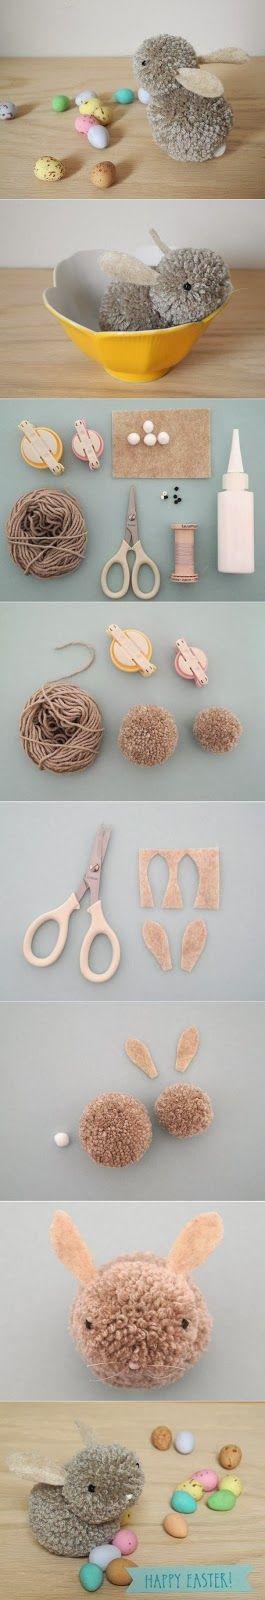 SEGUNDA PÁSCOA LINDA - Coelhinho de Pompons - DIY - * Decoração e Invenção *